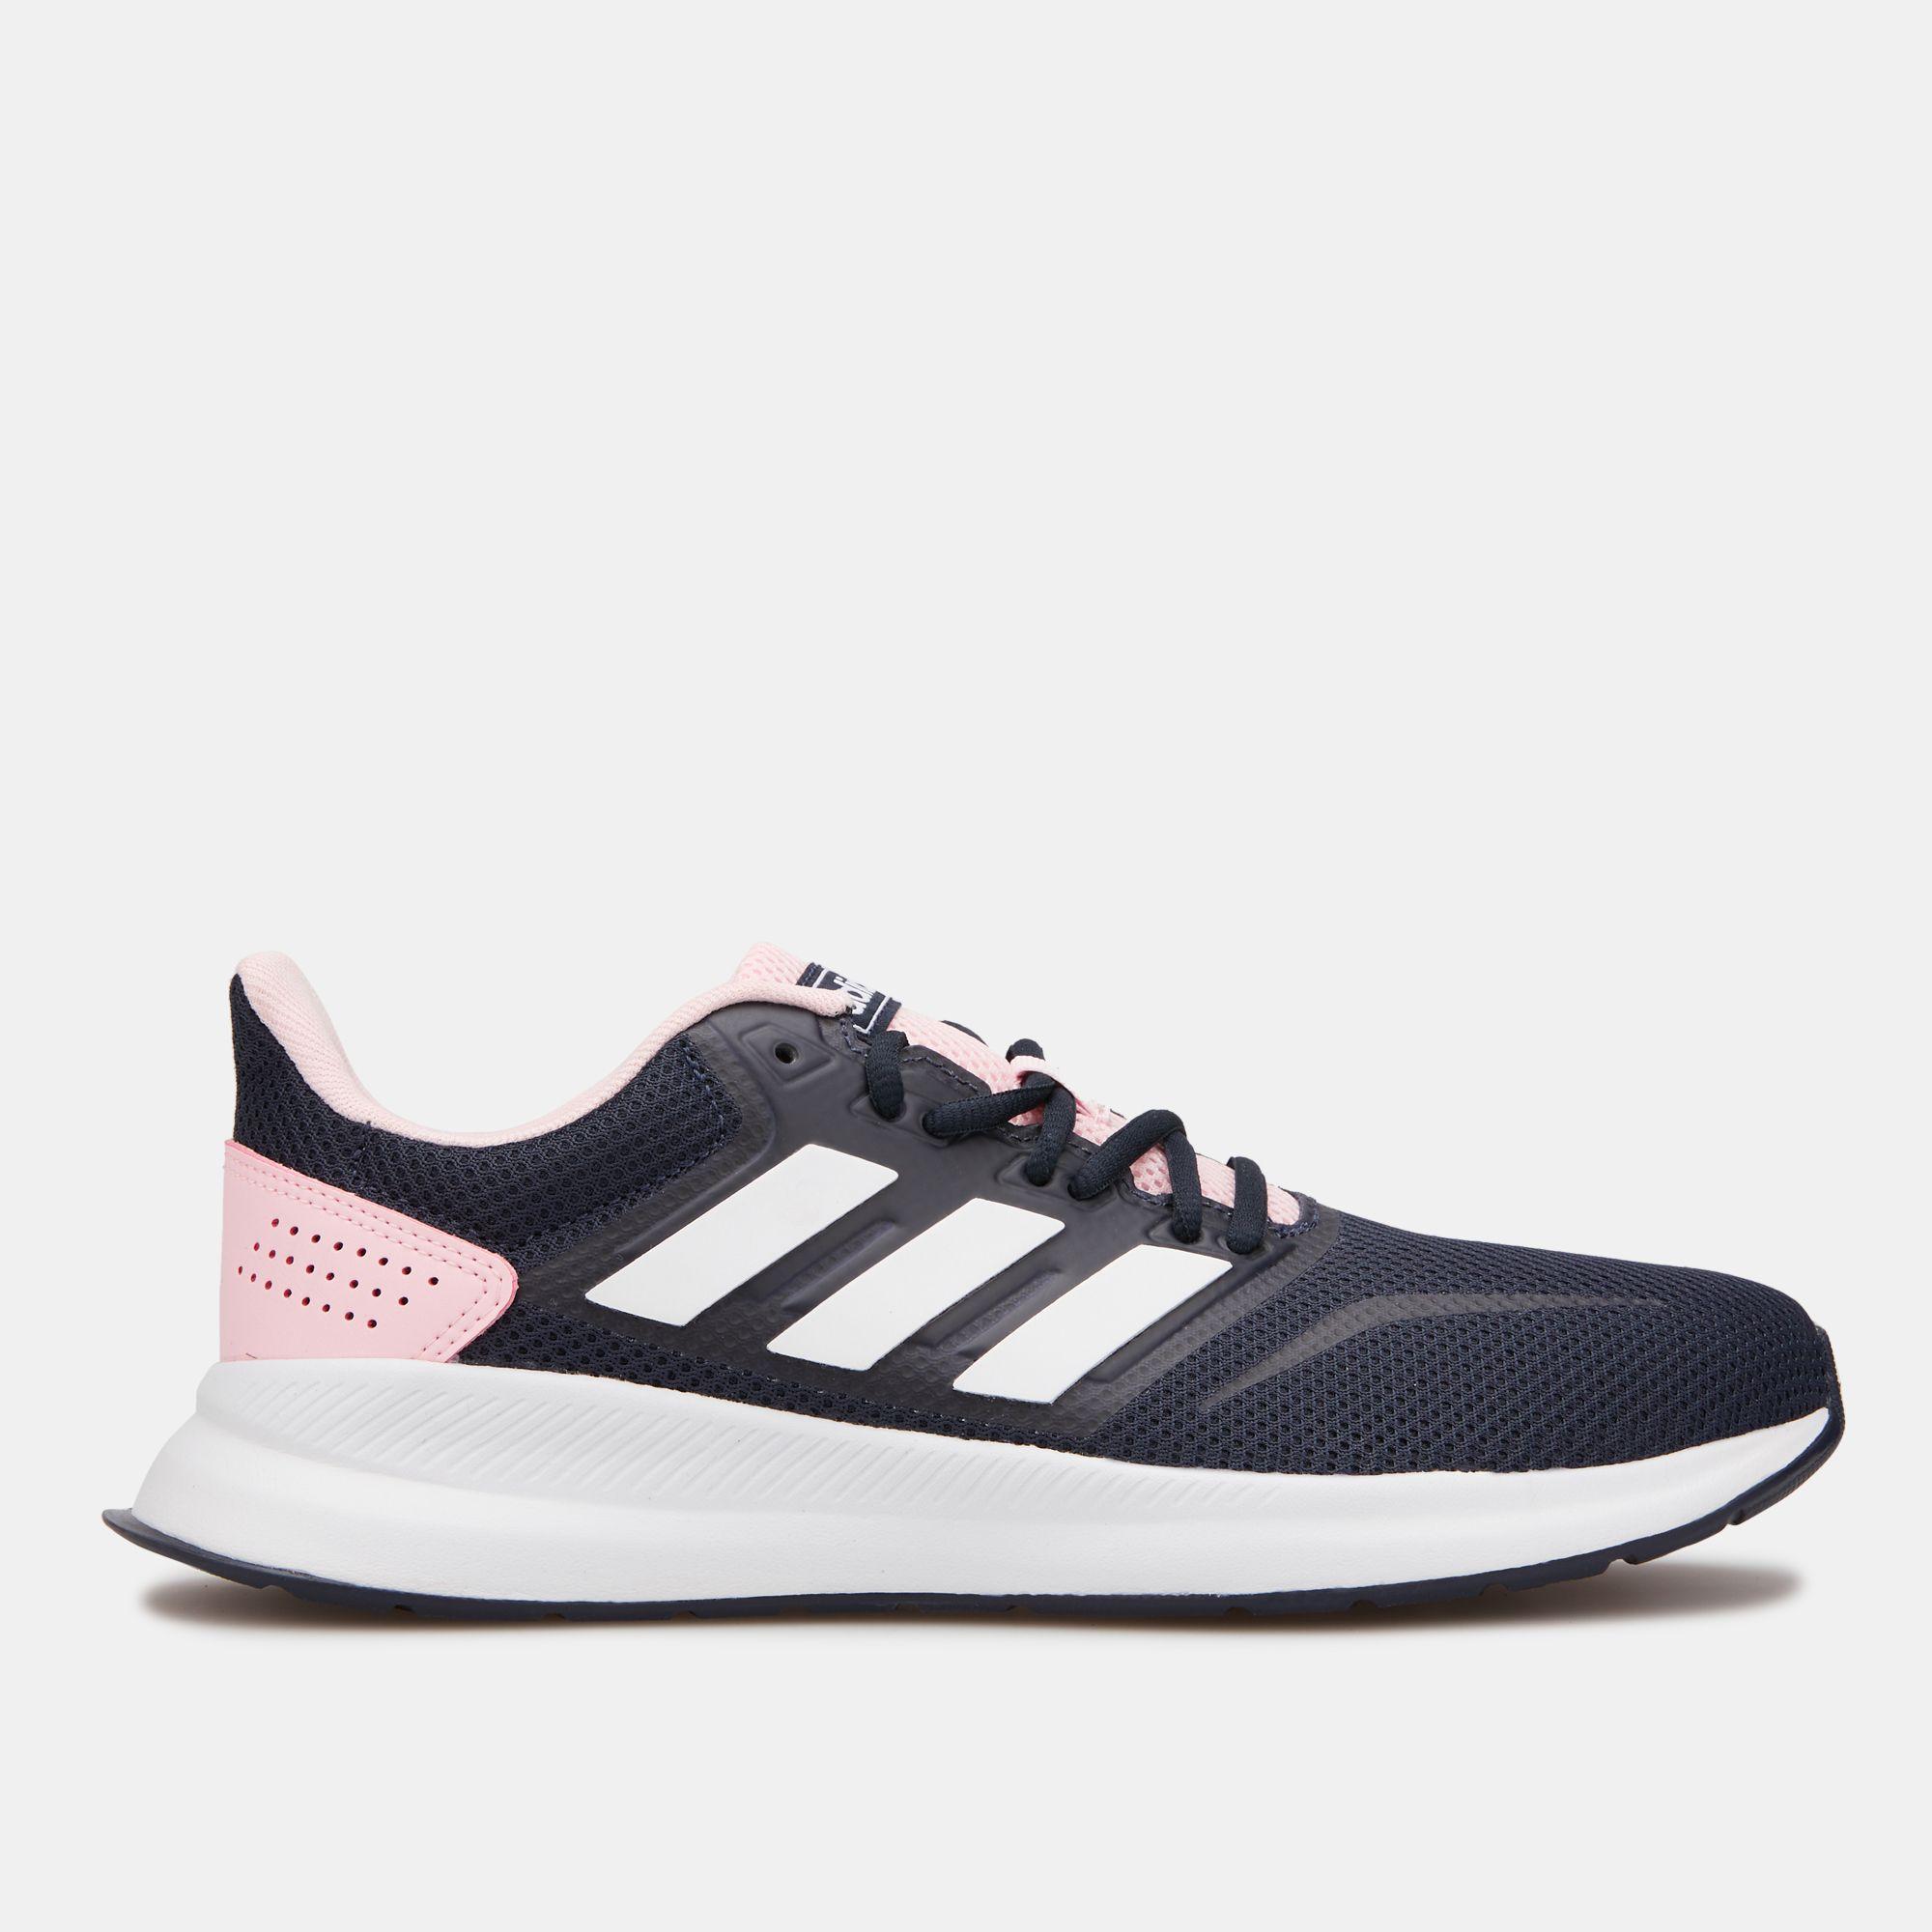 adidas women's runfalcon shoe